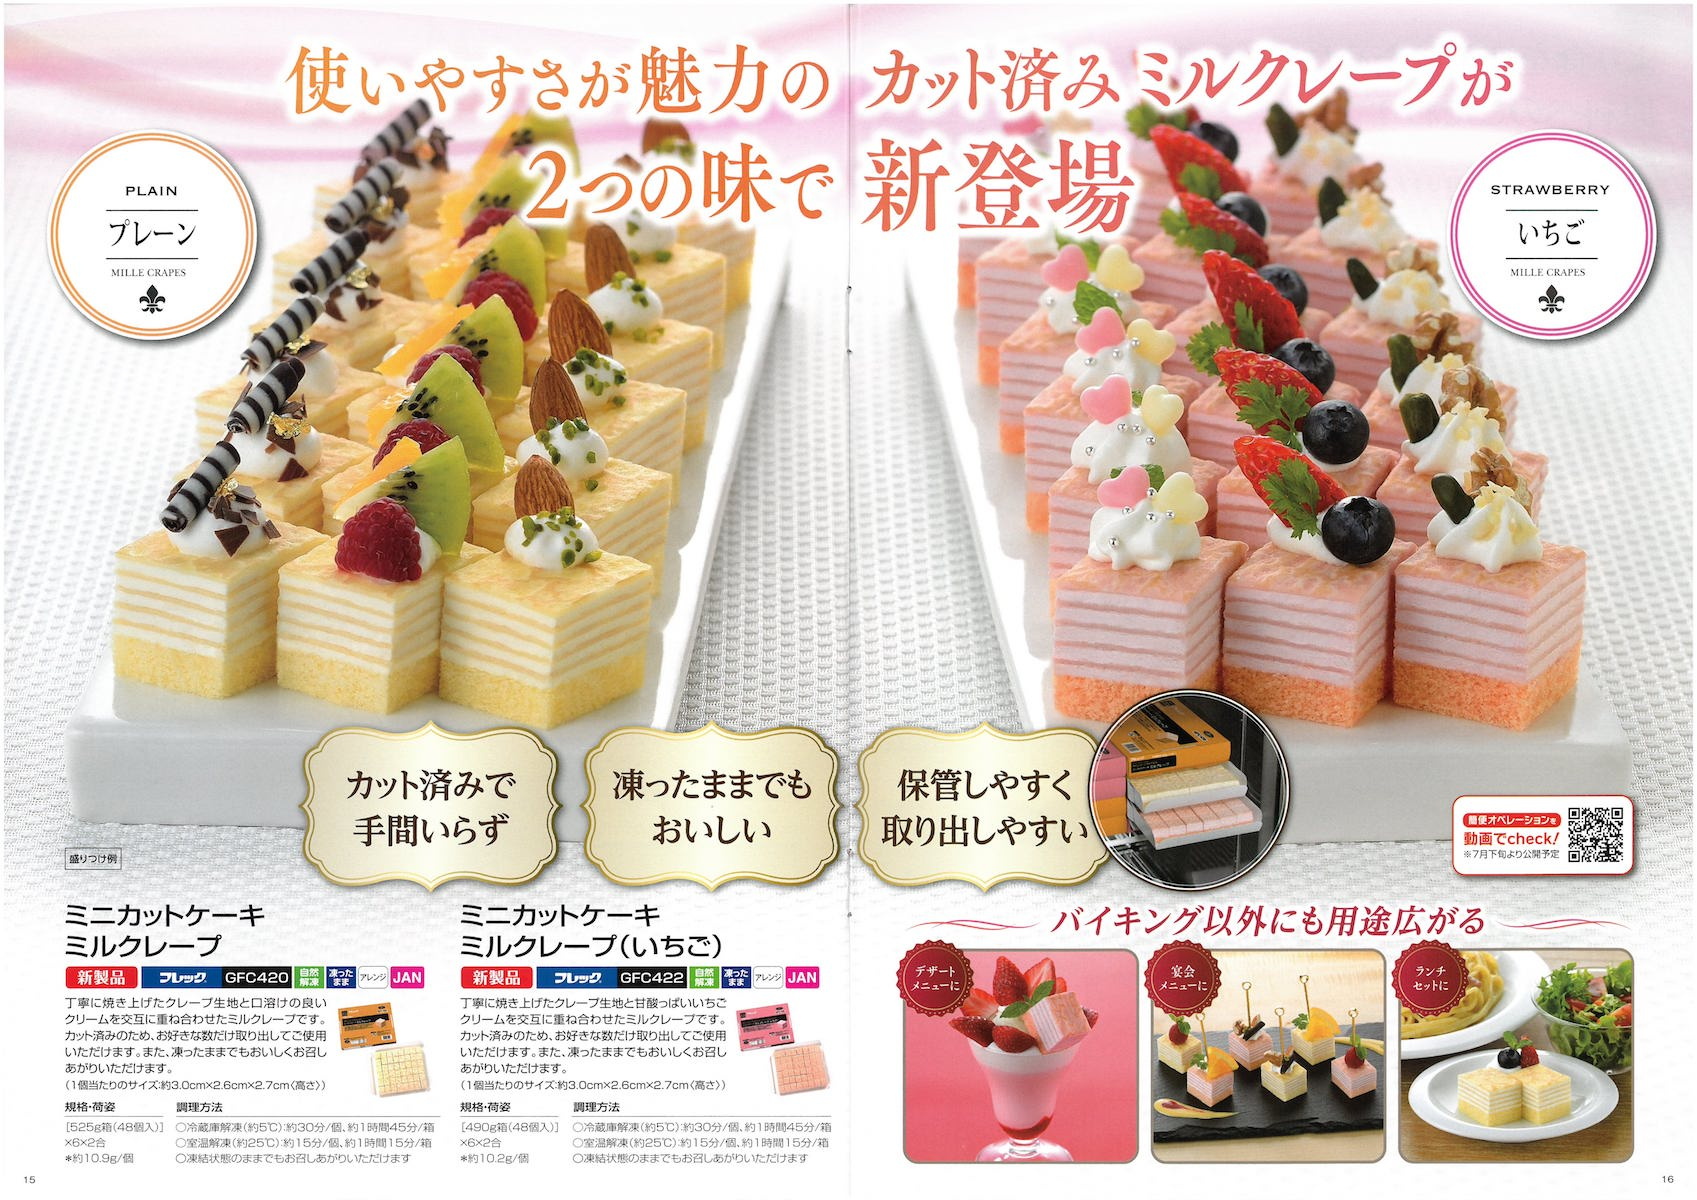 味の素冷凍食品2017秋 ミニカットケーキミルクレープ ミニカットケーキミルクレープ(いちご)